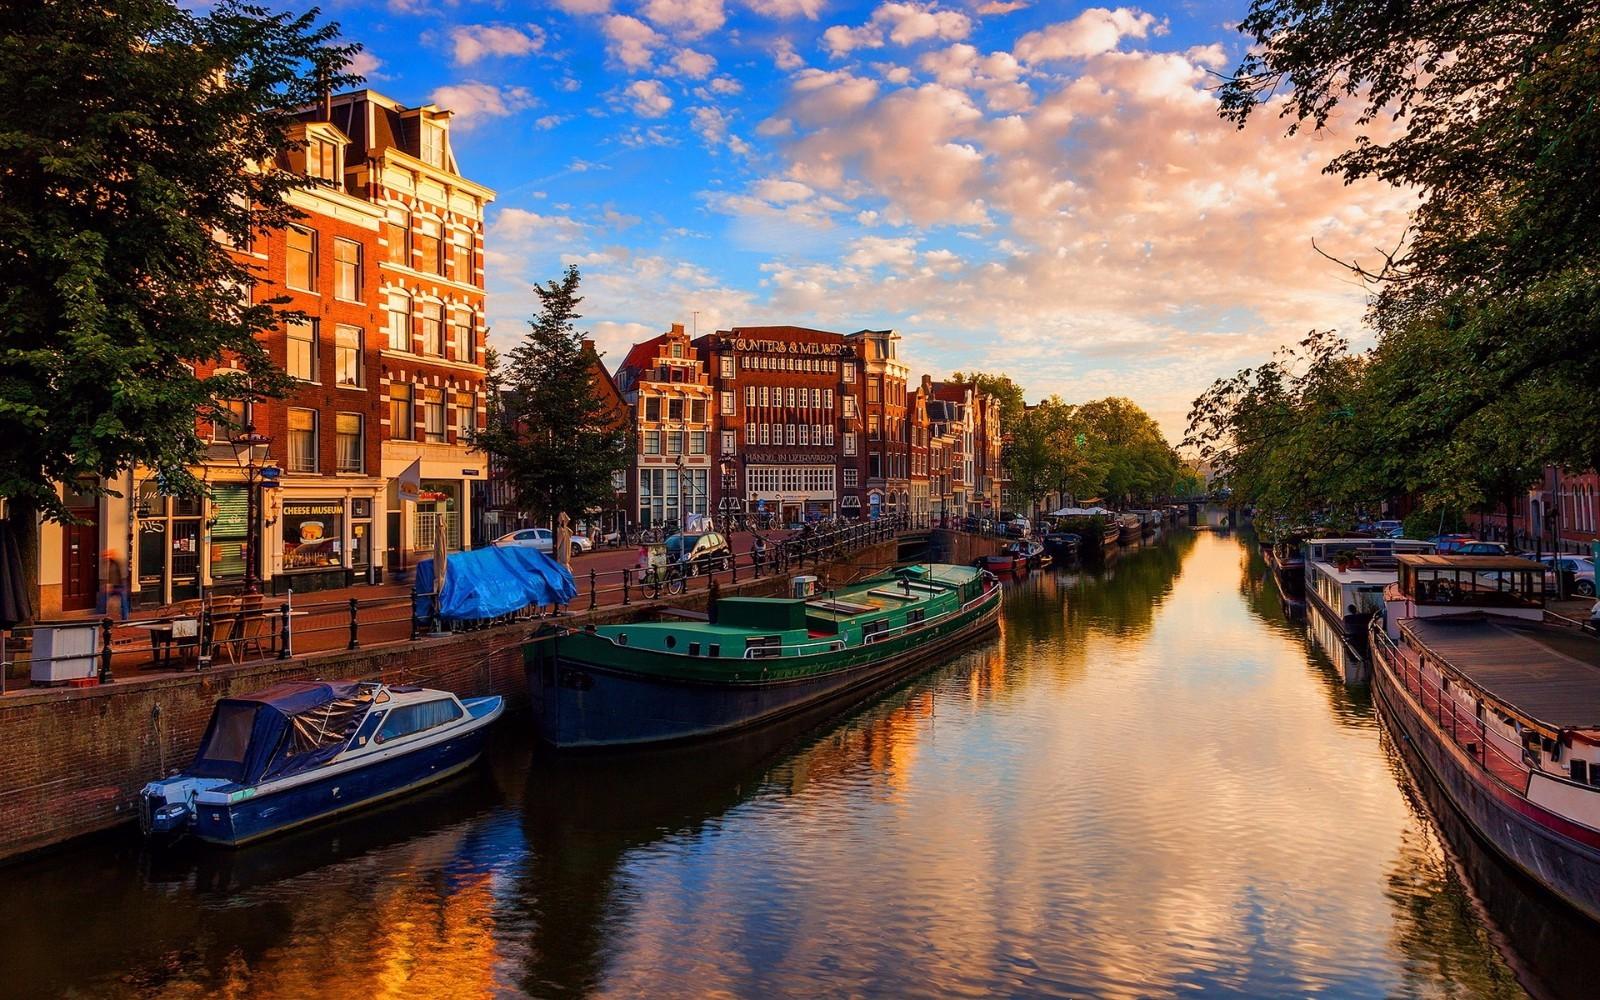 欧洲这个地方已经美成画了,你还不来一场说走就走的定制旅游体验一下?